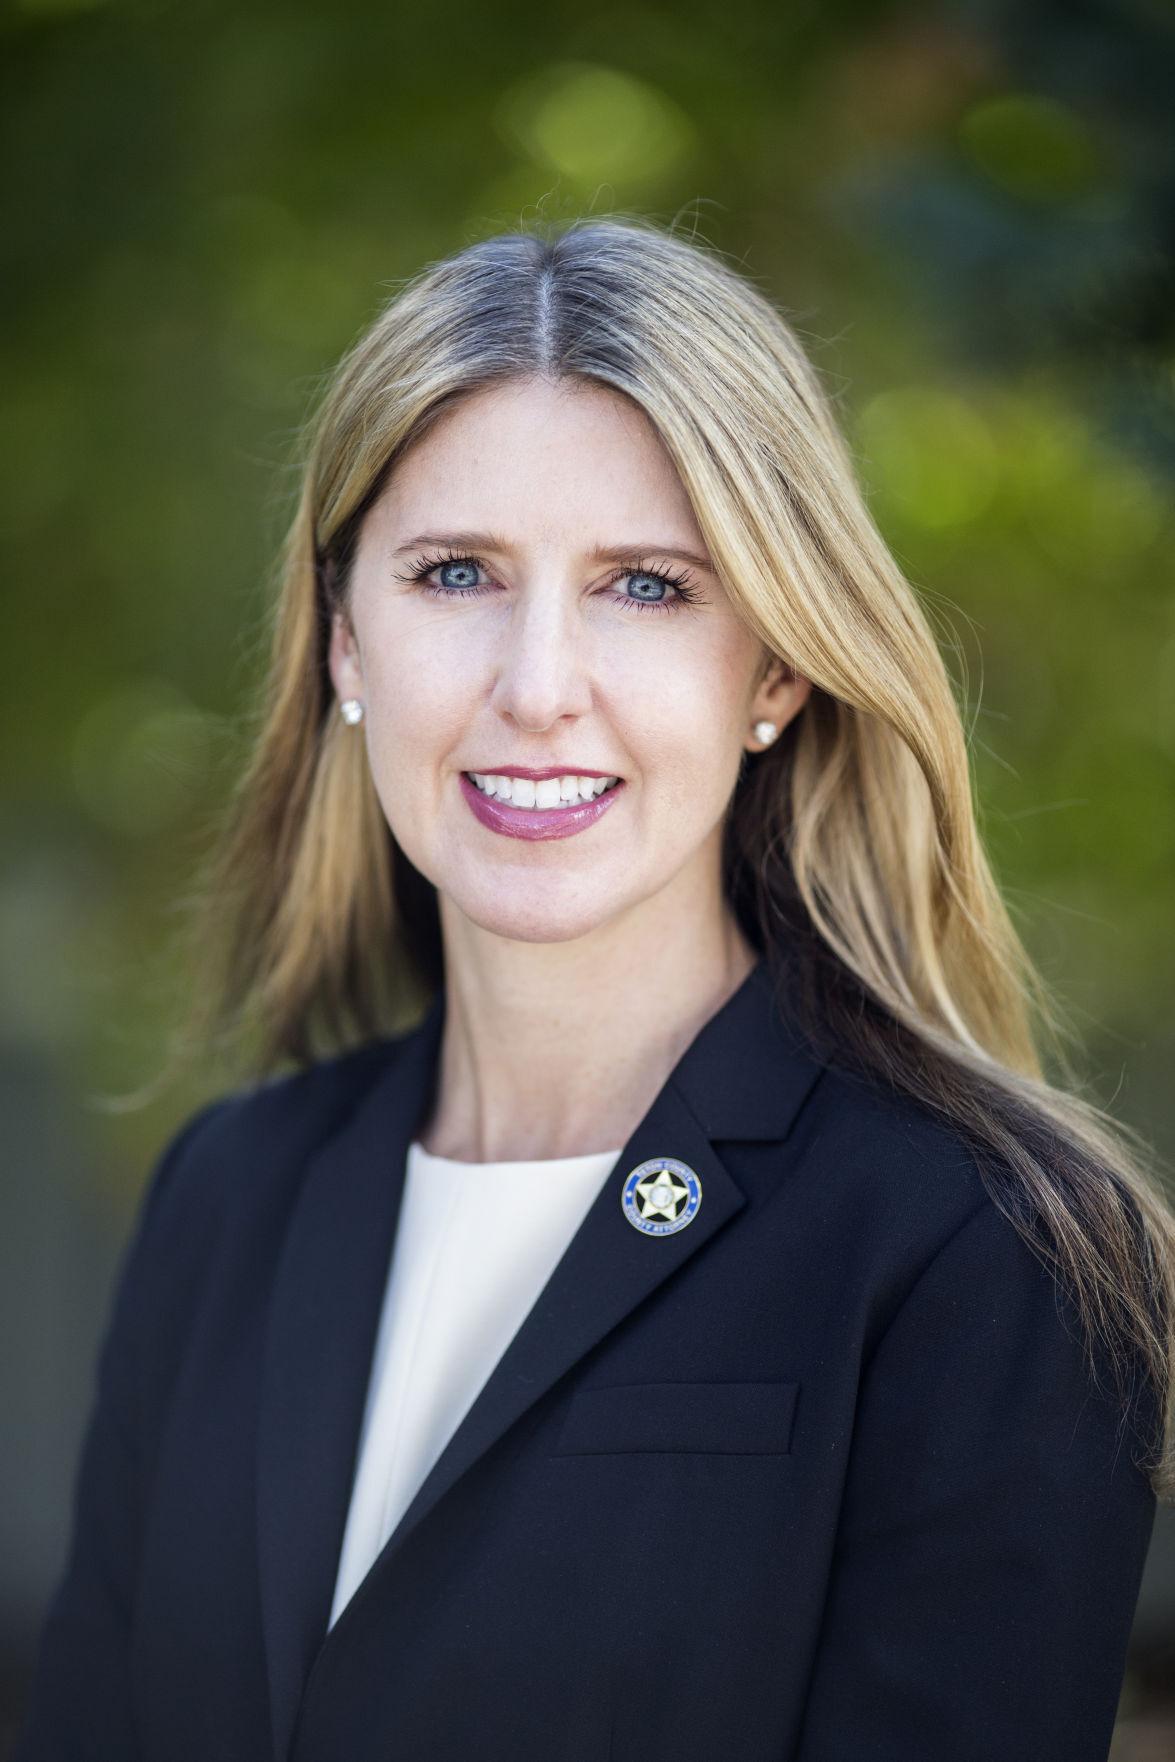 Erin Weisman